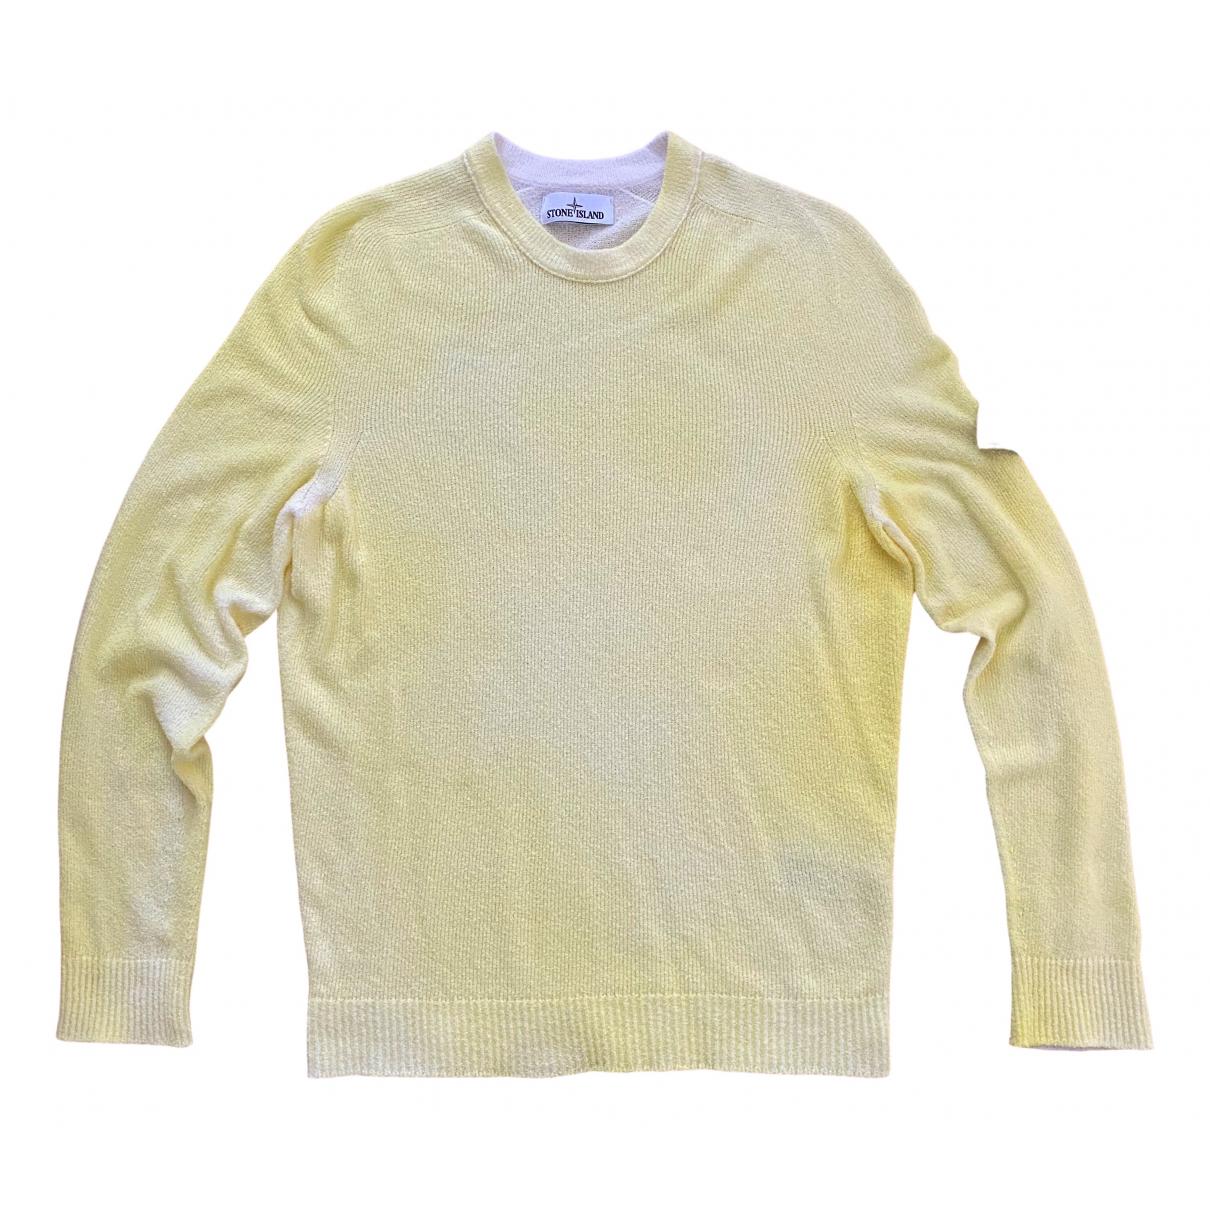 Stone Island \N Pullover.Westen.Sweatshirts  in  Gelb Baumwolle